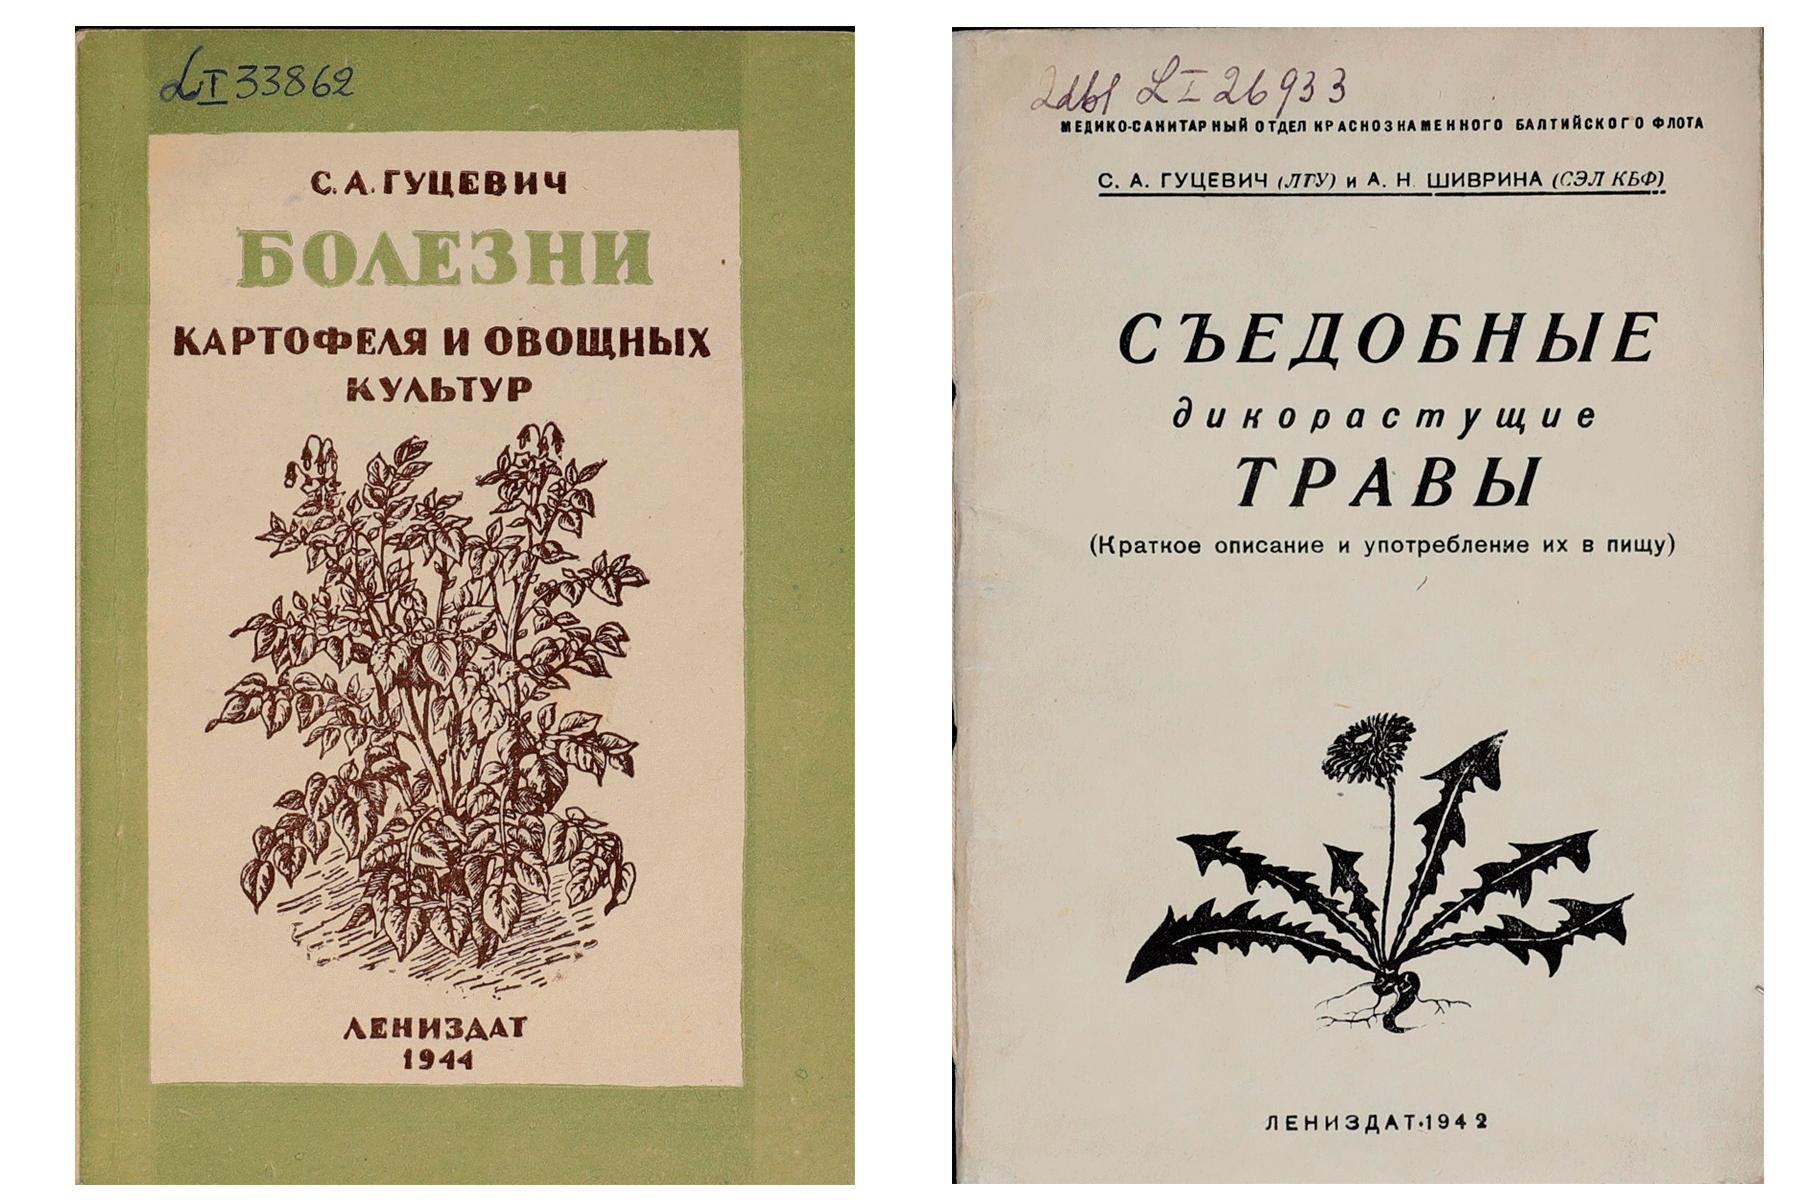 Так книги сотрудников университета С. А. Гуцевич и А. Н. Шивриной рассказывали о съедобных дикорастущих травах и давали подробные советы по использования растений в пищу